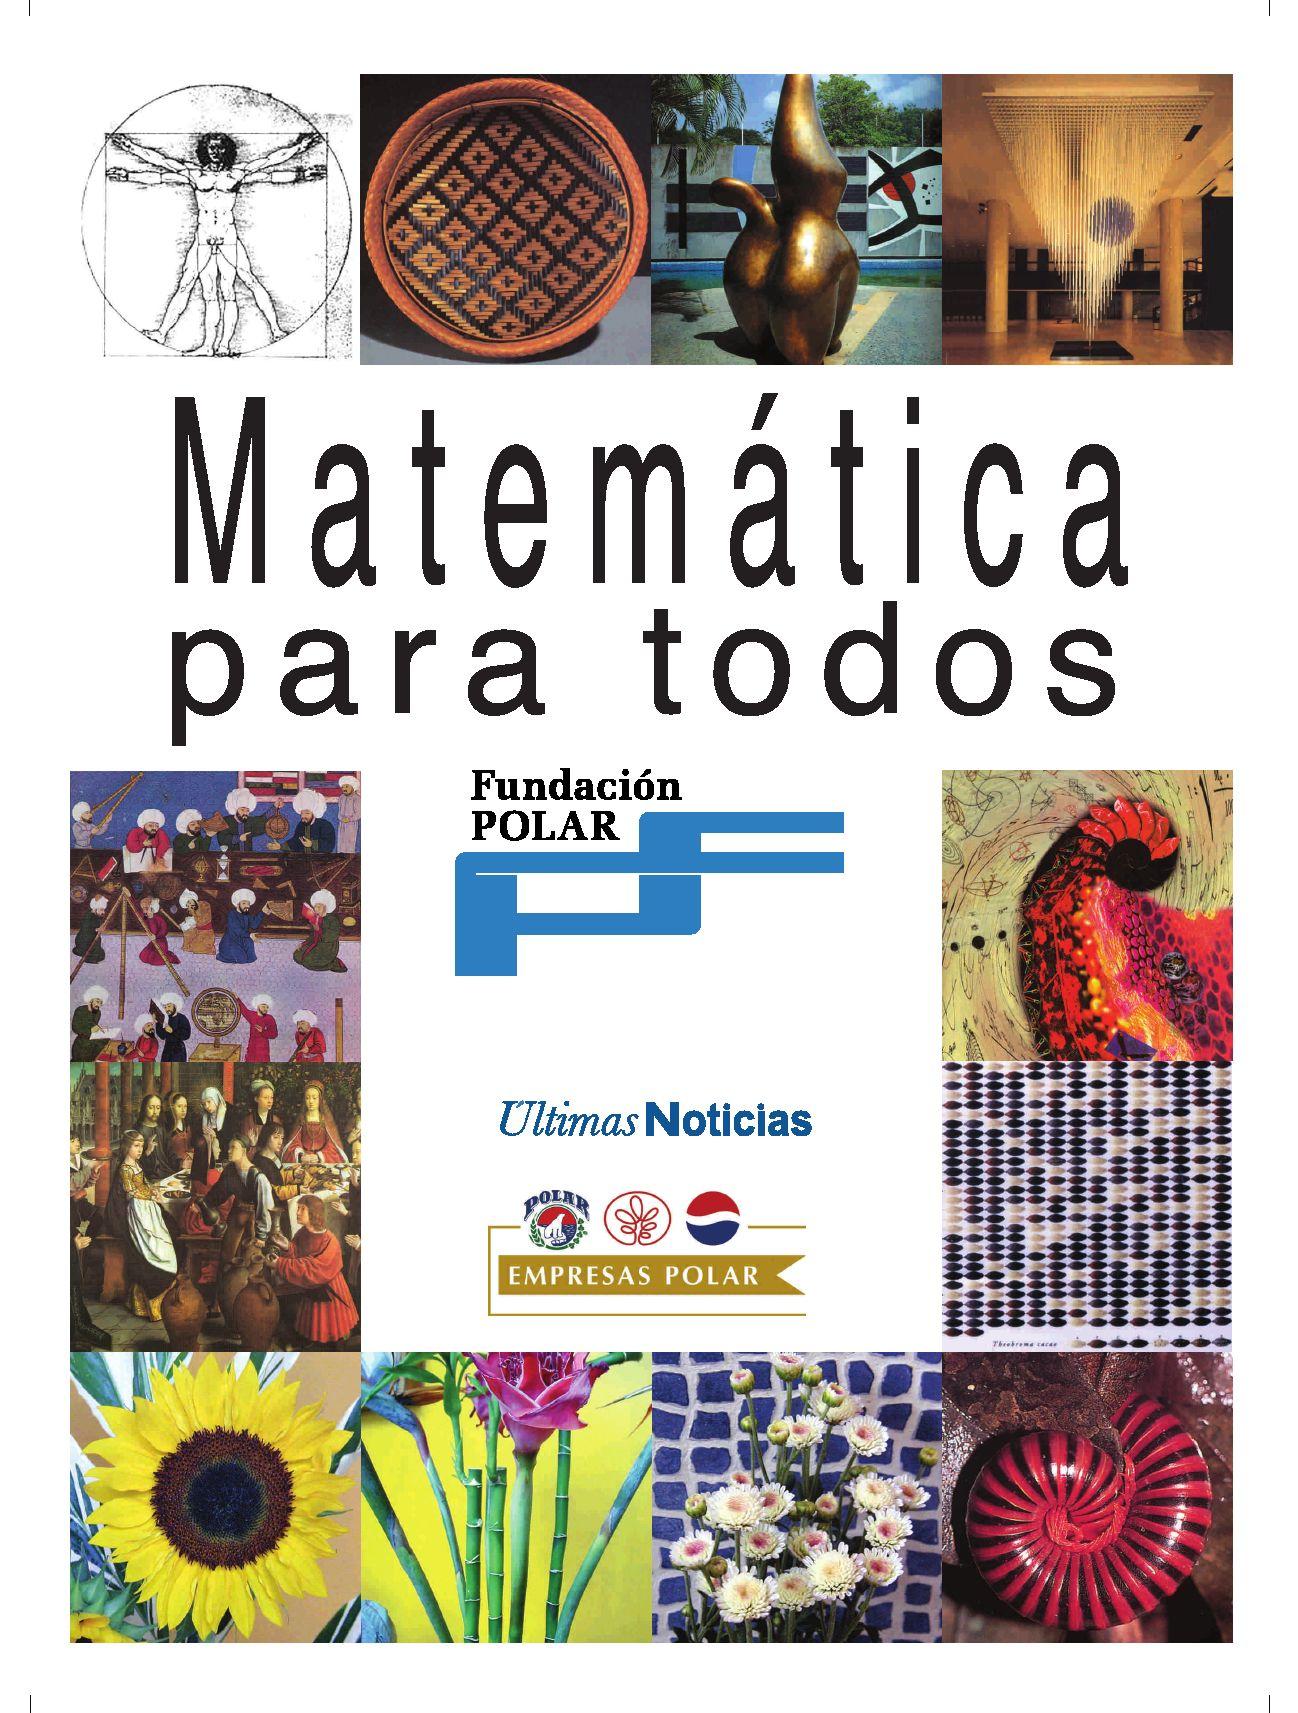 Ídice global de fascículos de matemáticas